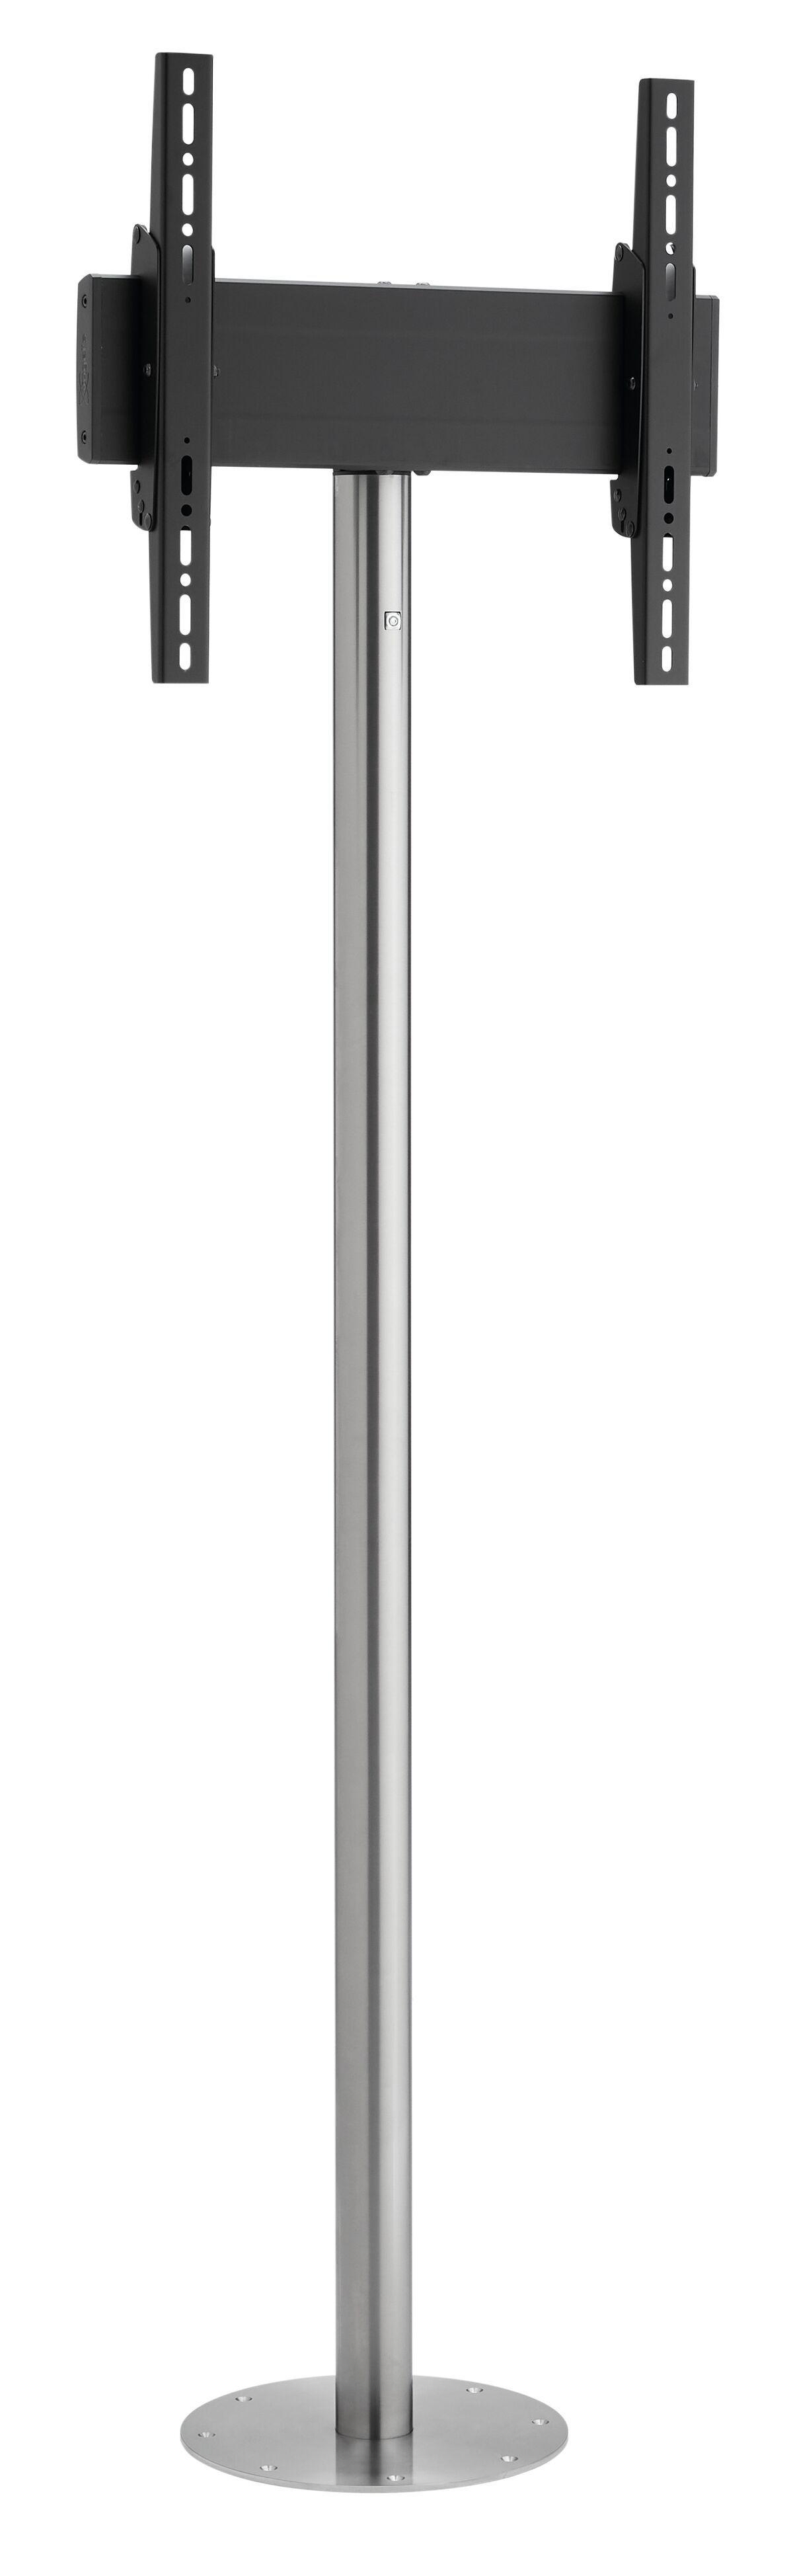 Vogel's FM1644RVS Pied de sol pour écran - Product